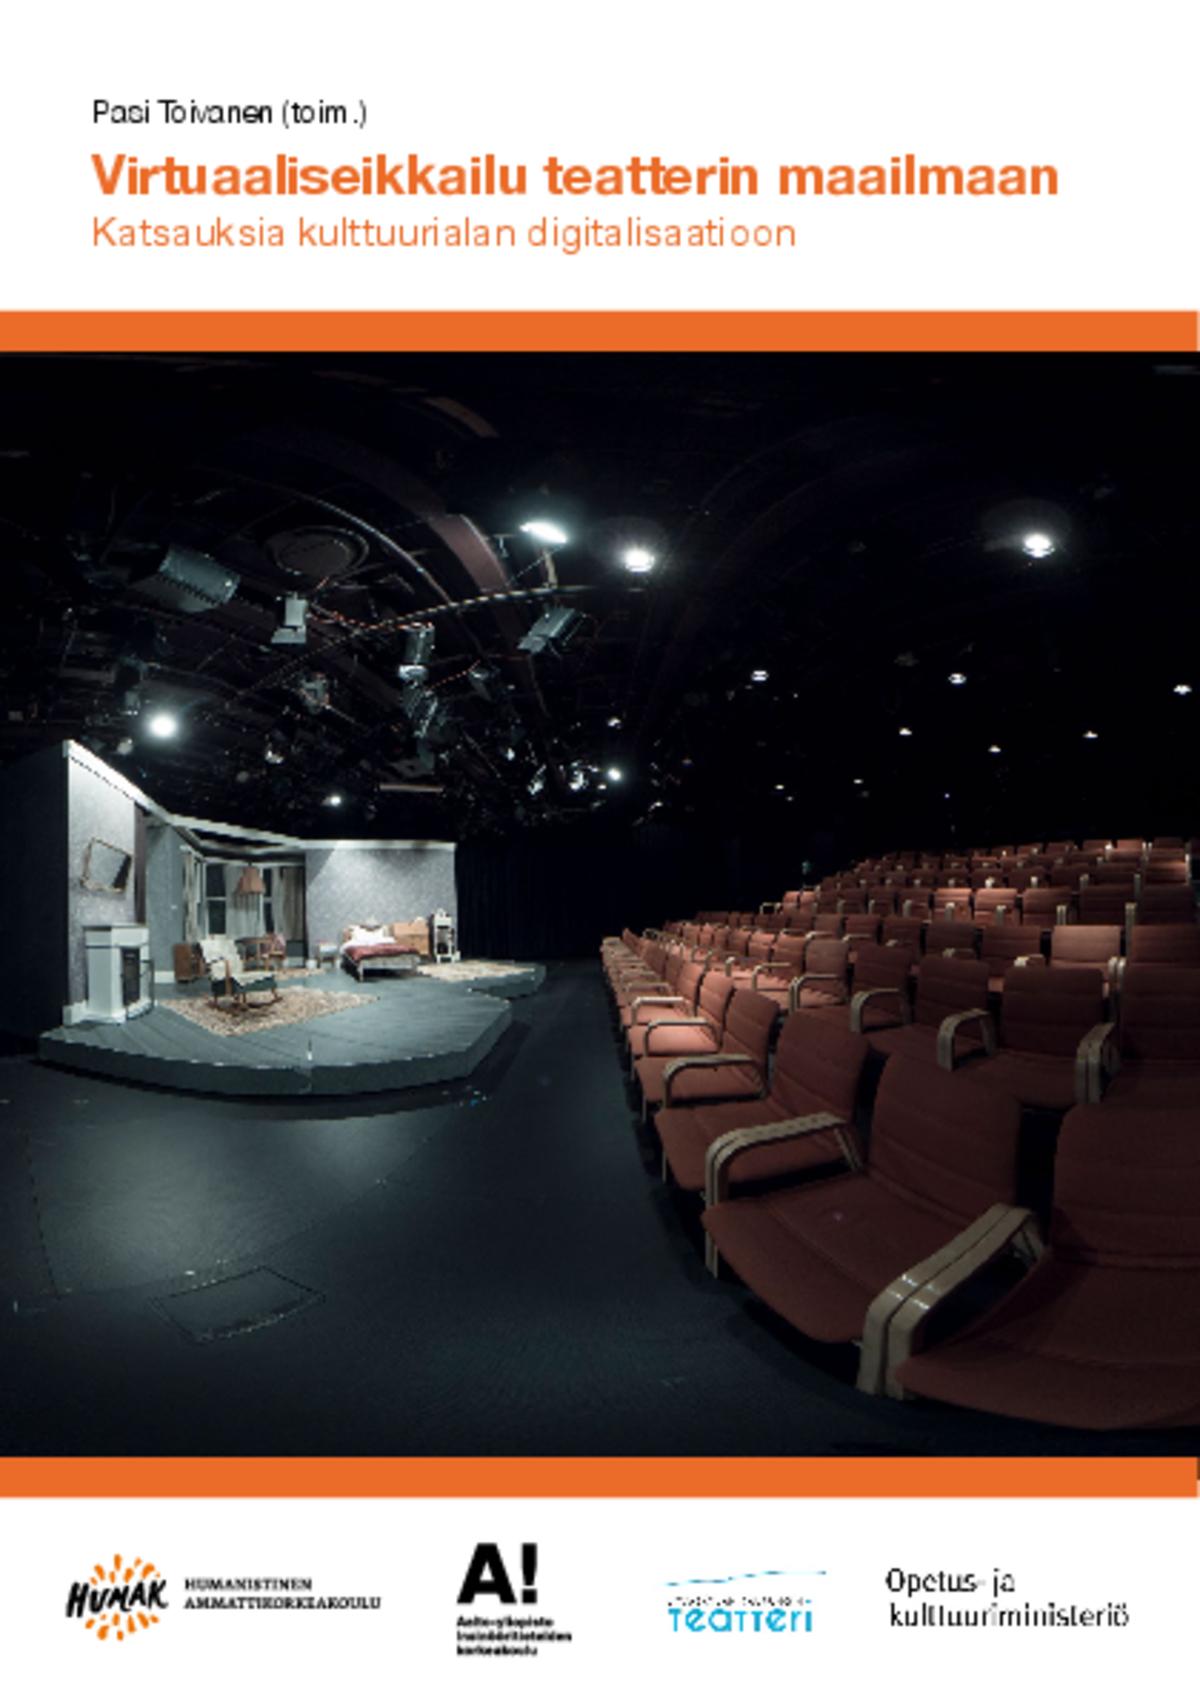 Virtuaaliseikkailu teatterin maailmaan – Katsauksia kulttuurialan digitalisaatioon